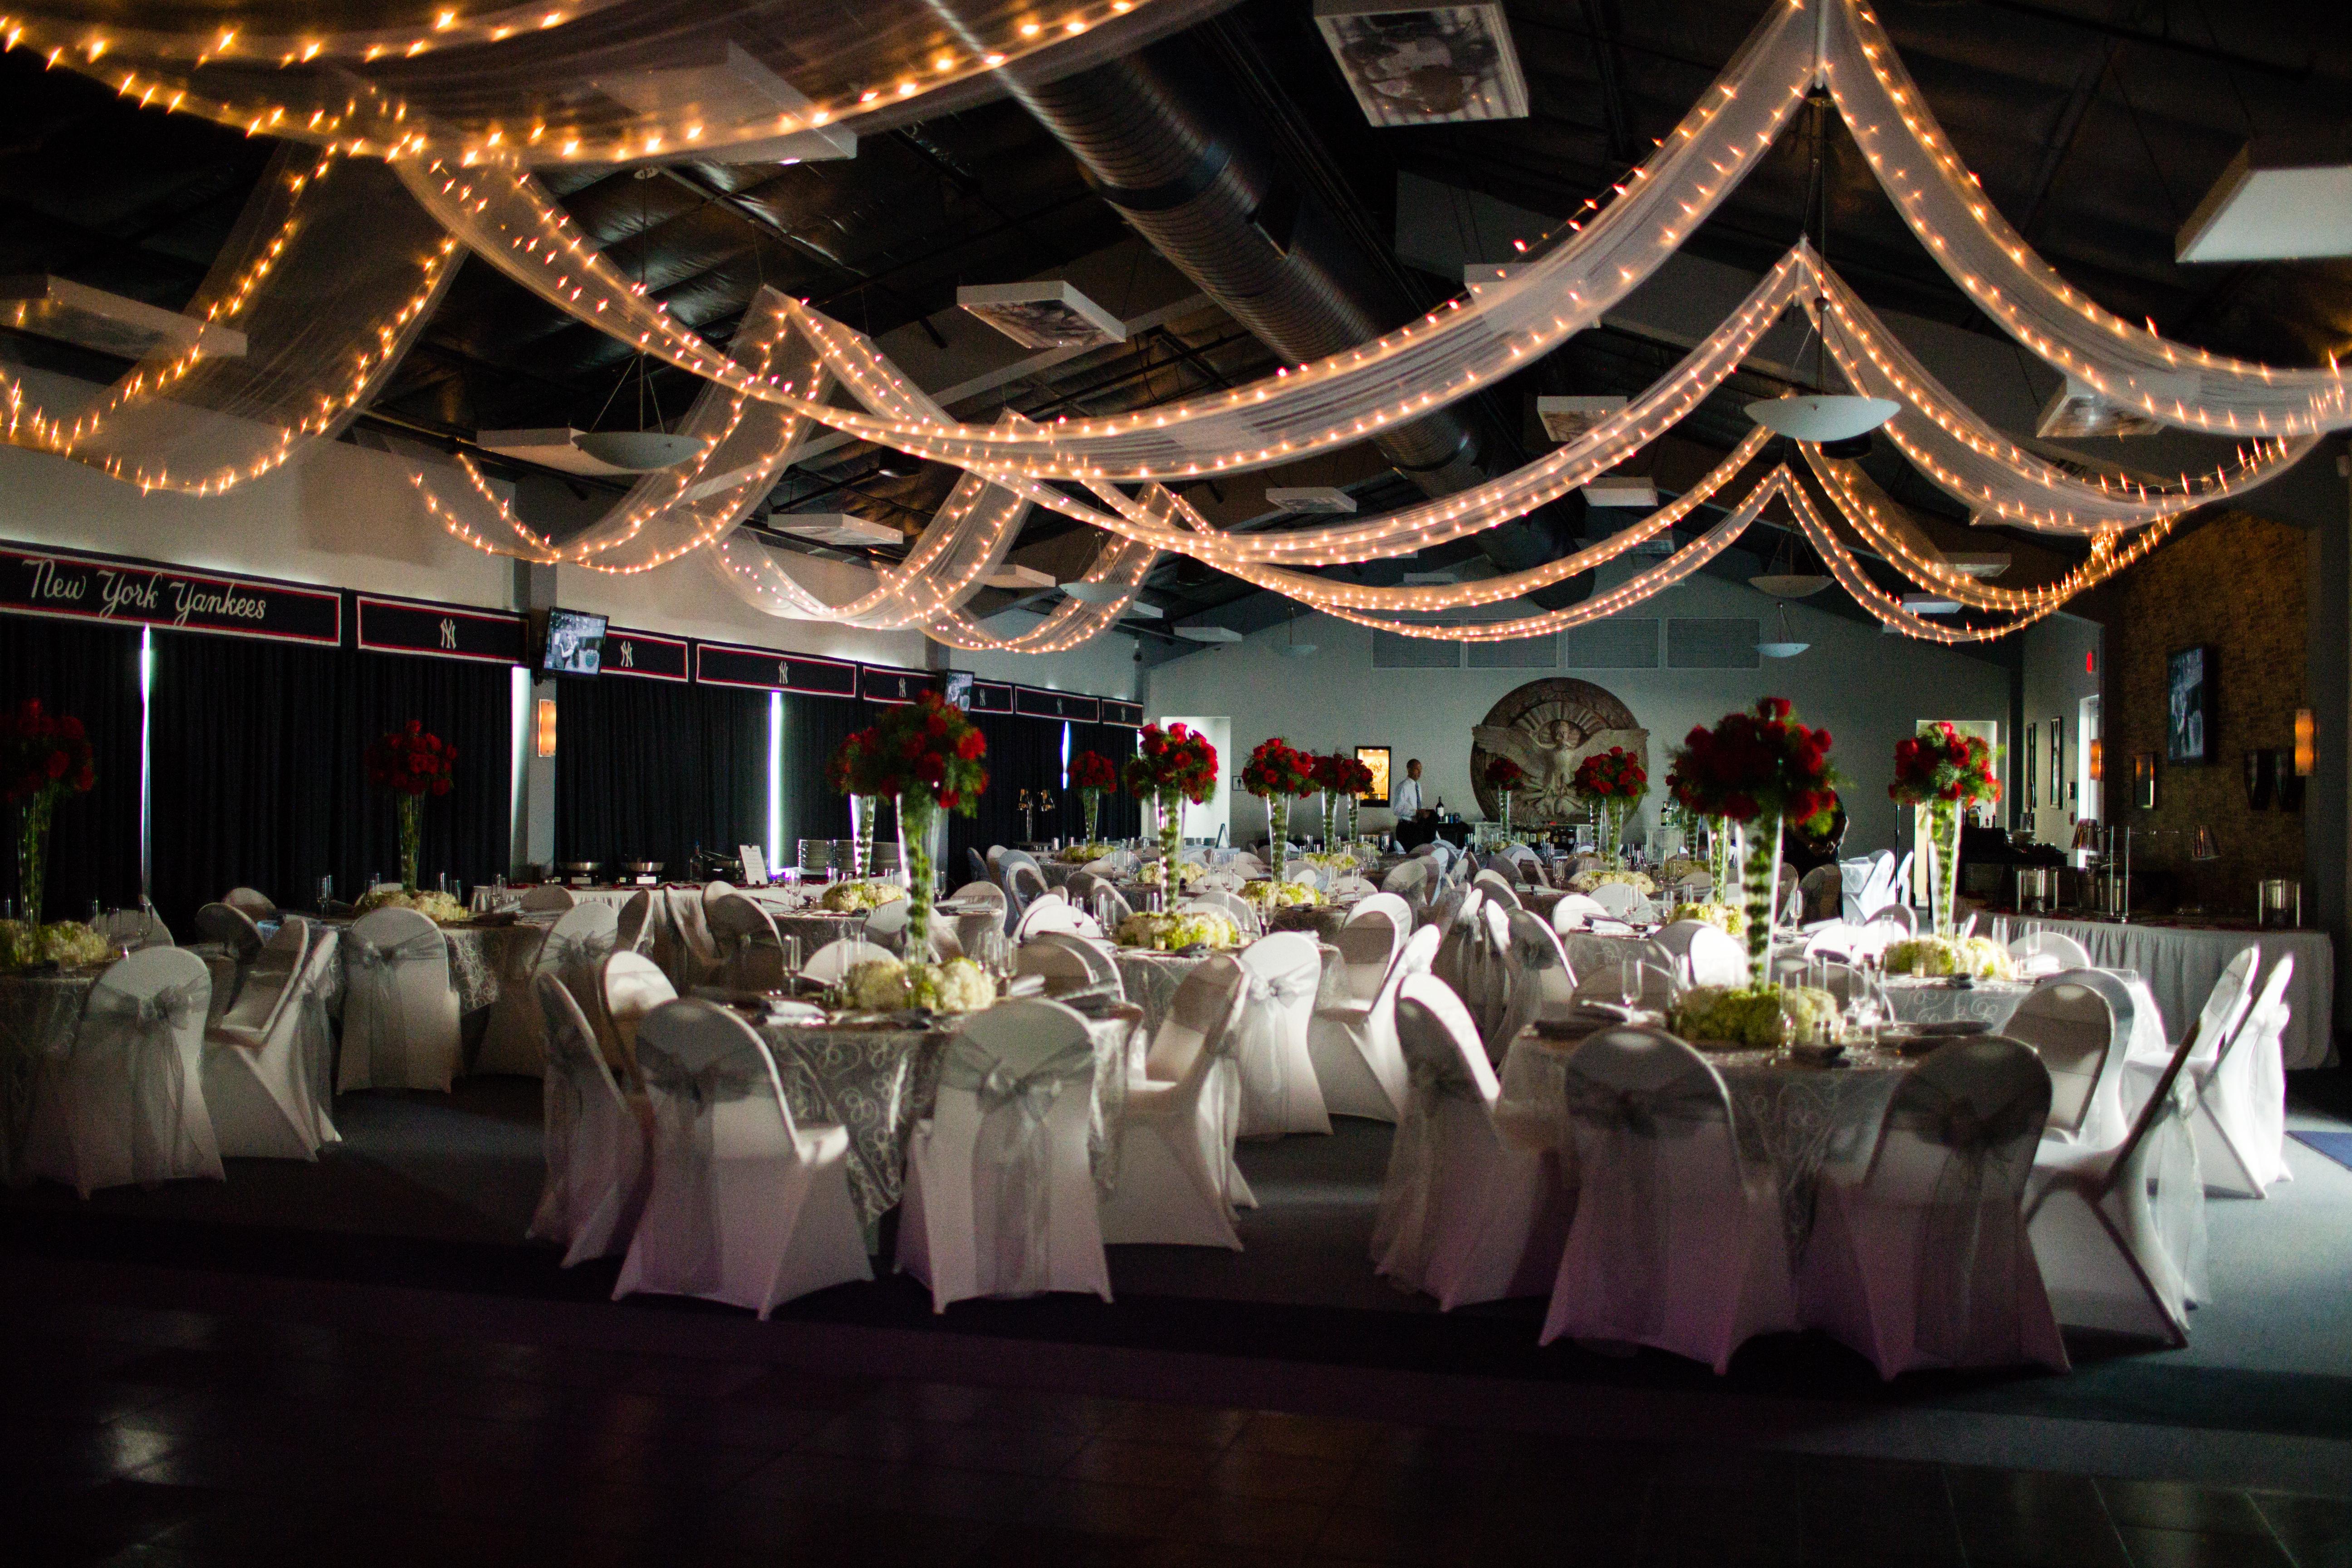 Pavilion set up for a wedding